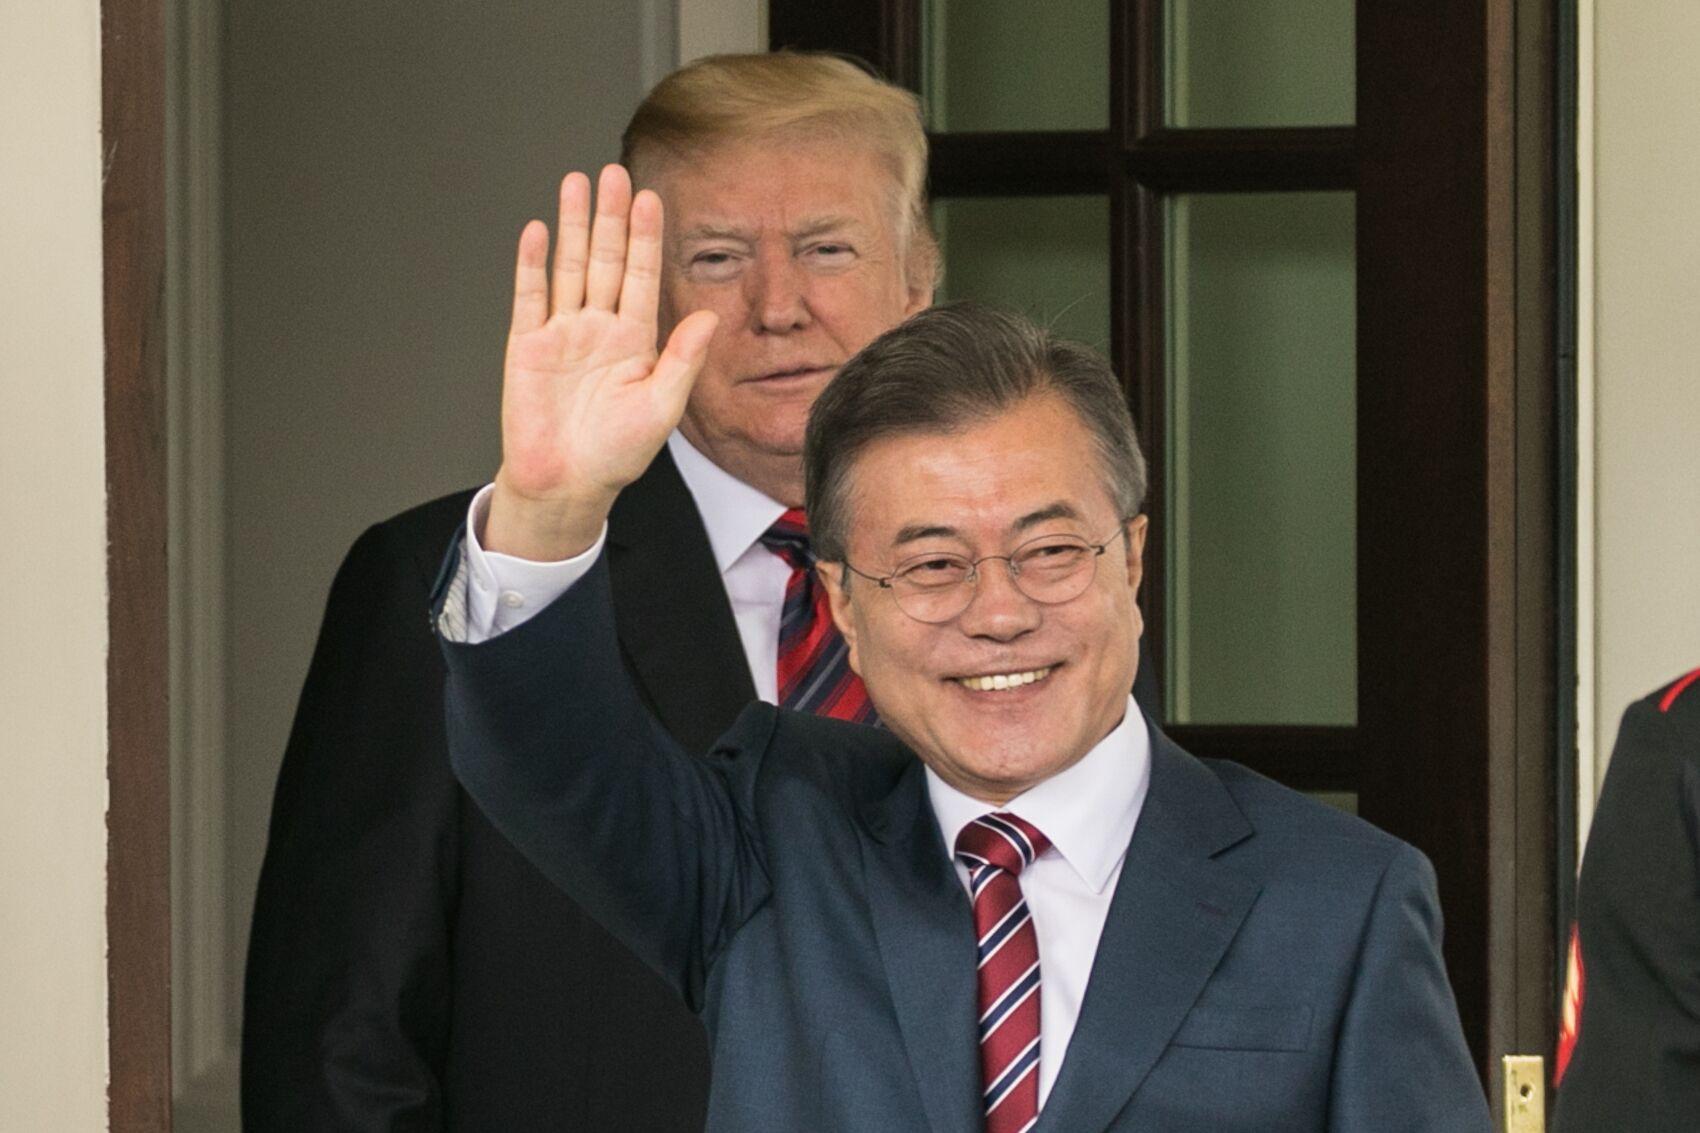 写真・図版 : ホワイトハウスでトランプ大統領(奥)に迎えられ、記者団に手を振る韓国の文在寅大統領=ワシントン、ランハム裕子撮影、2018年5月22日